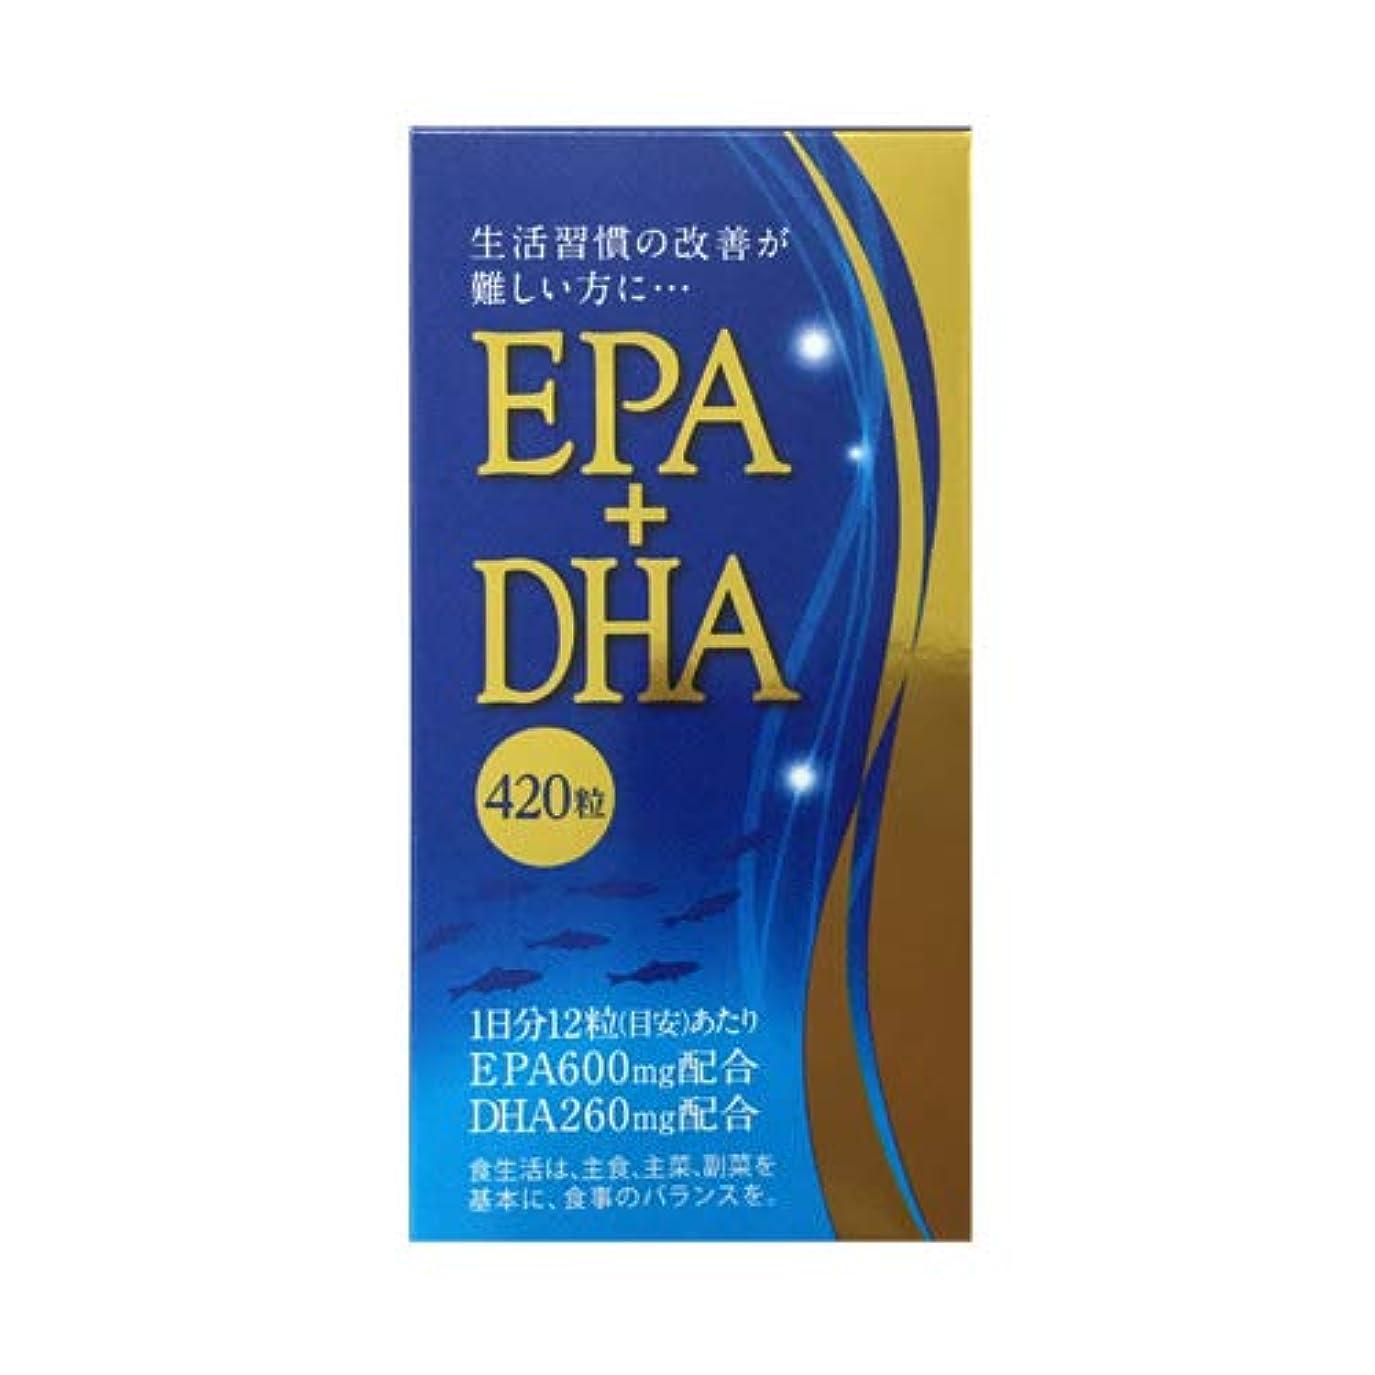 マニアックアーサーコナンドイルEPA+DHA 420粒